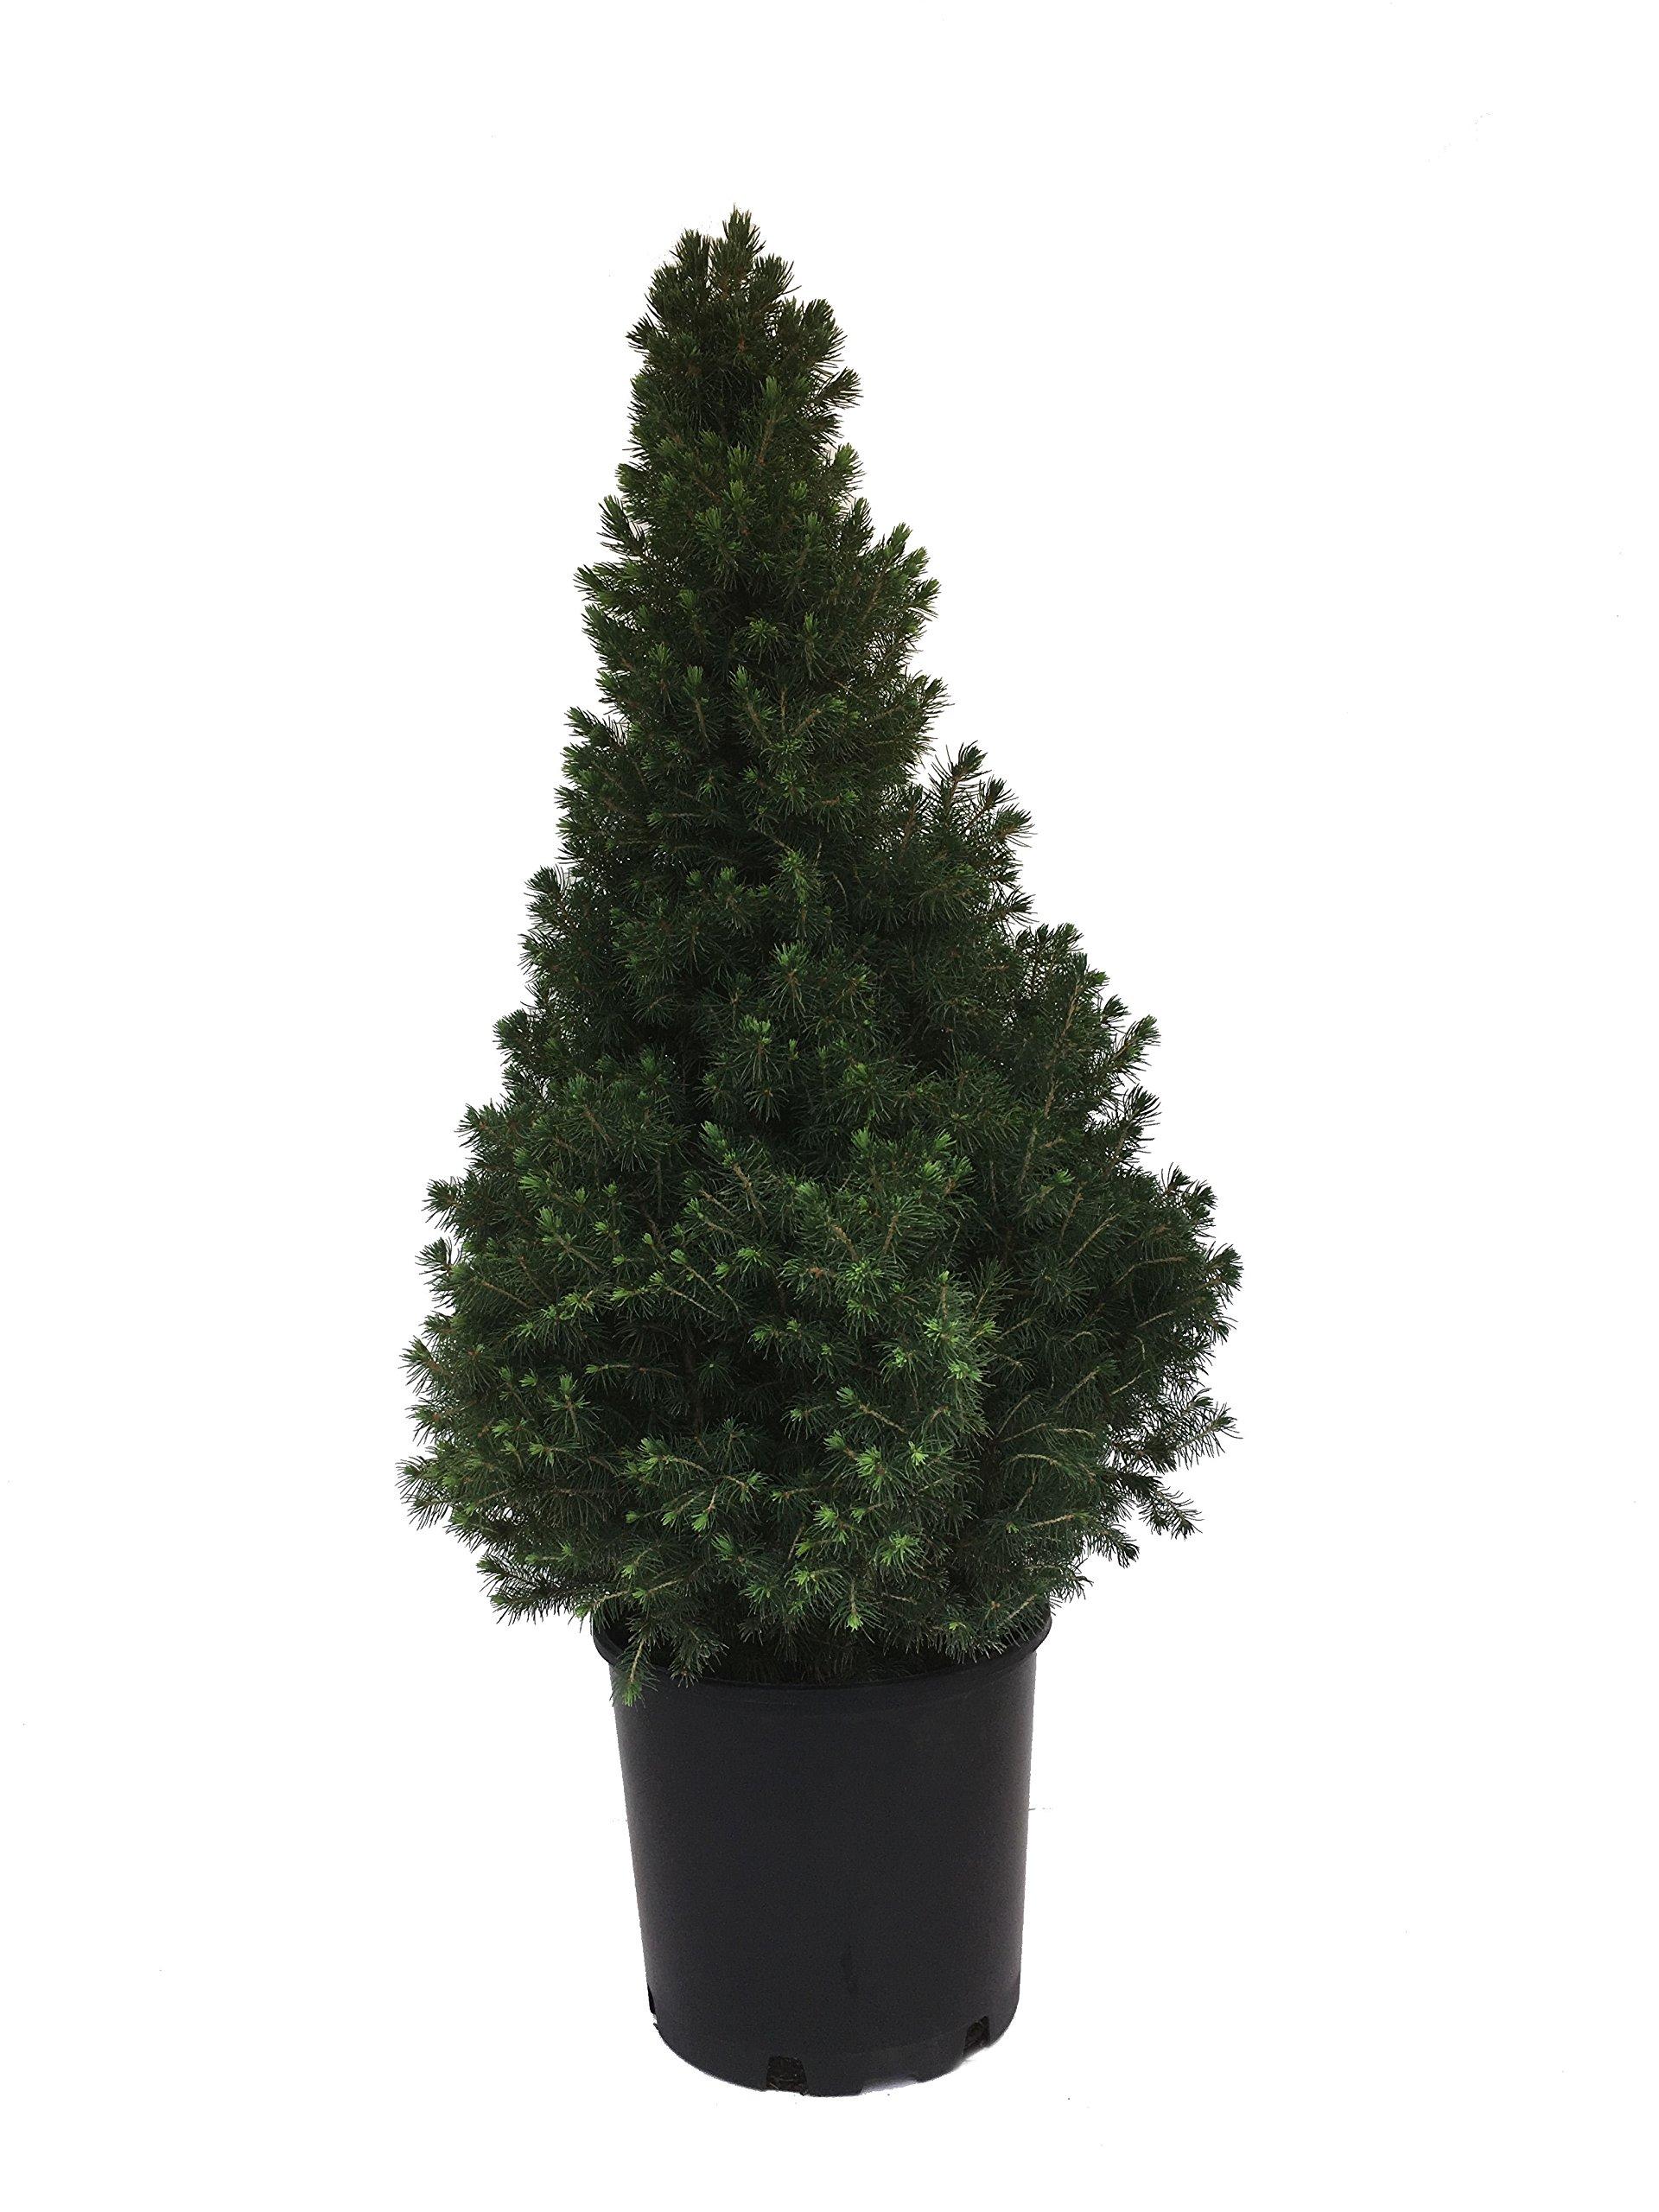 Dwarf Alberta Spruce - Picea Glauca Conica - 3 Gallon